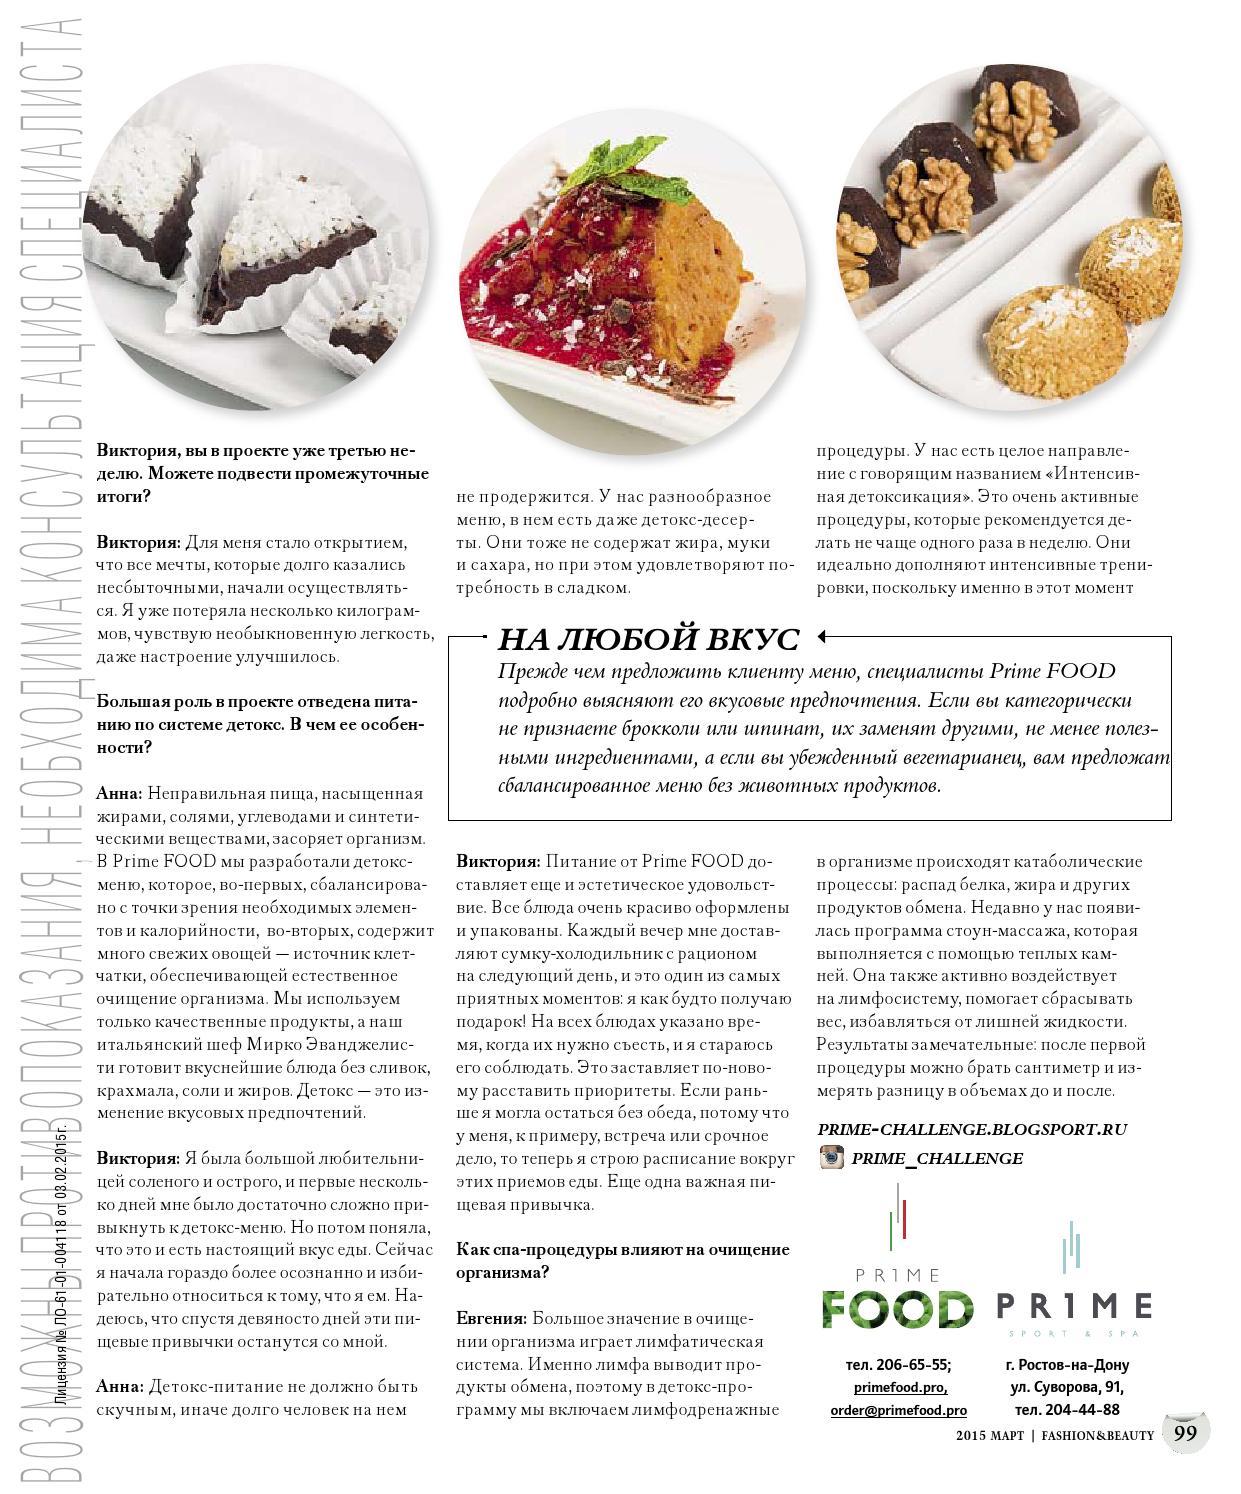 Очищающие Диеты Меню. Очищающие диеты: варианты меню по дням